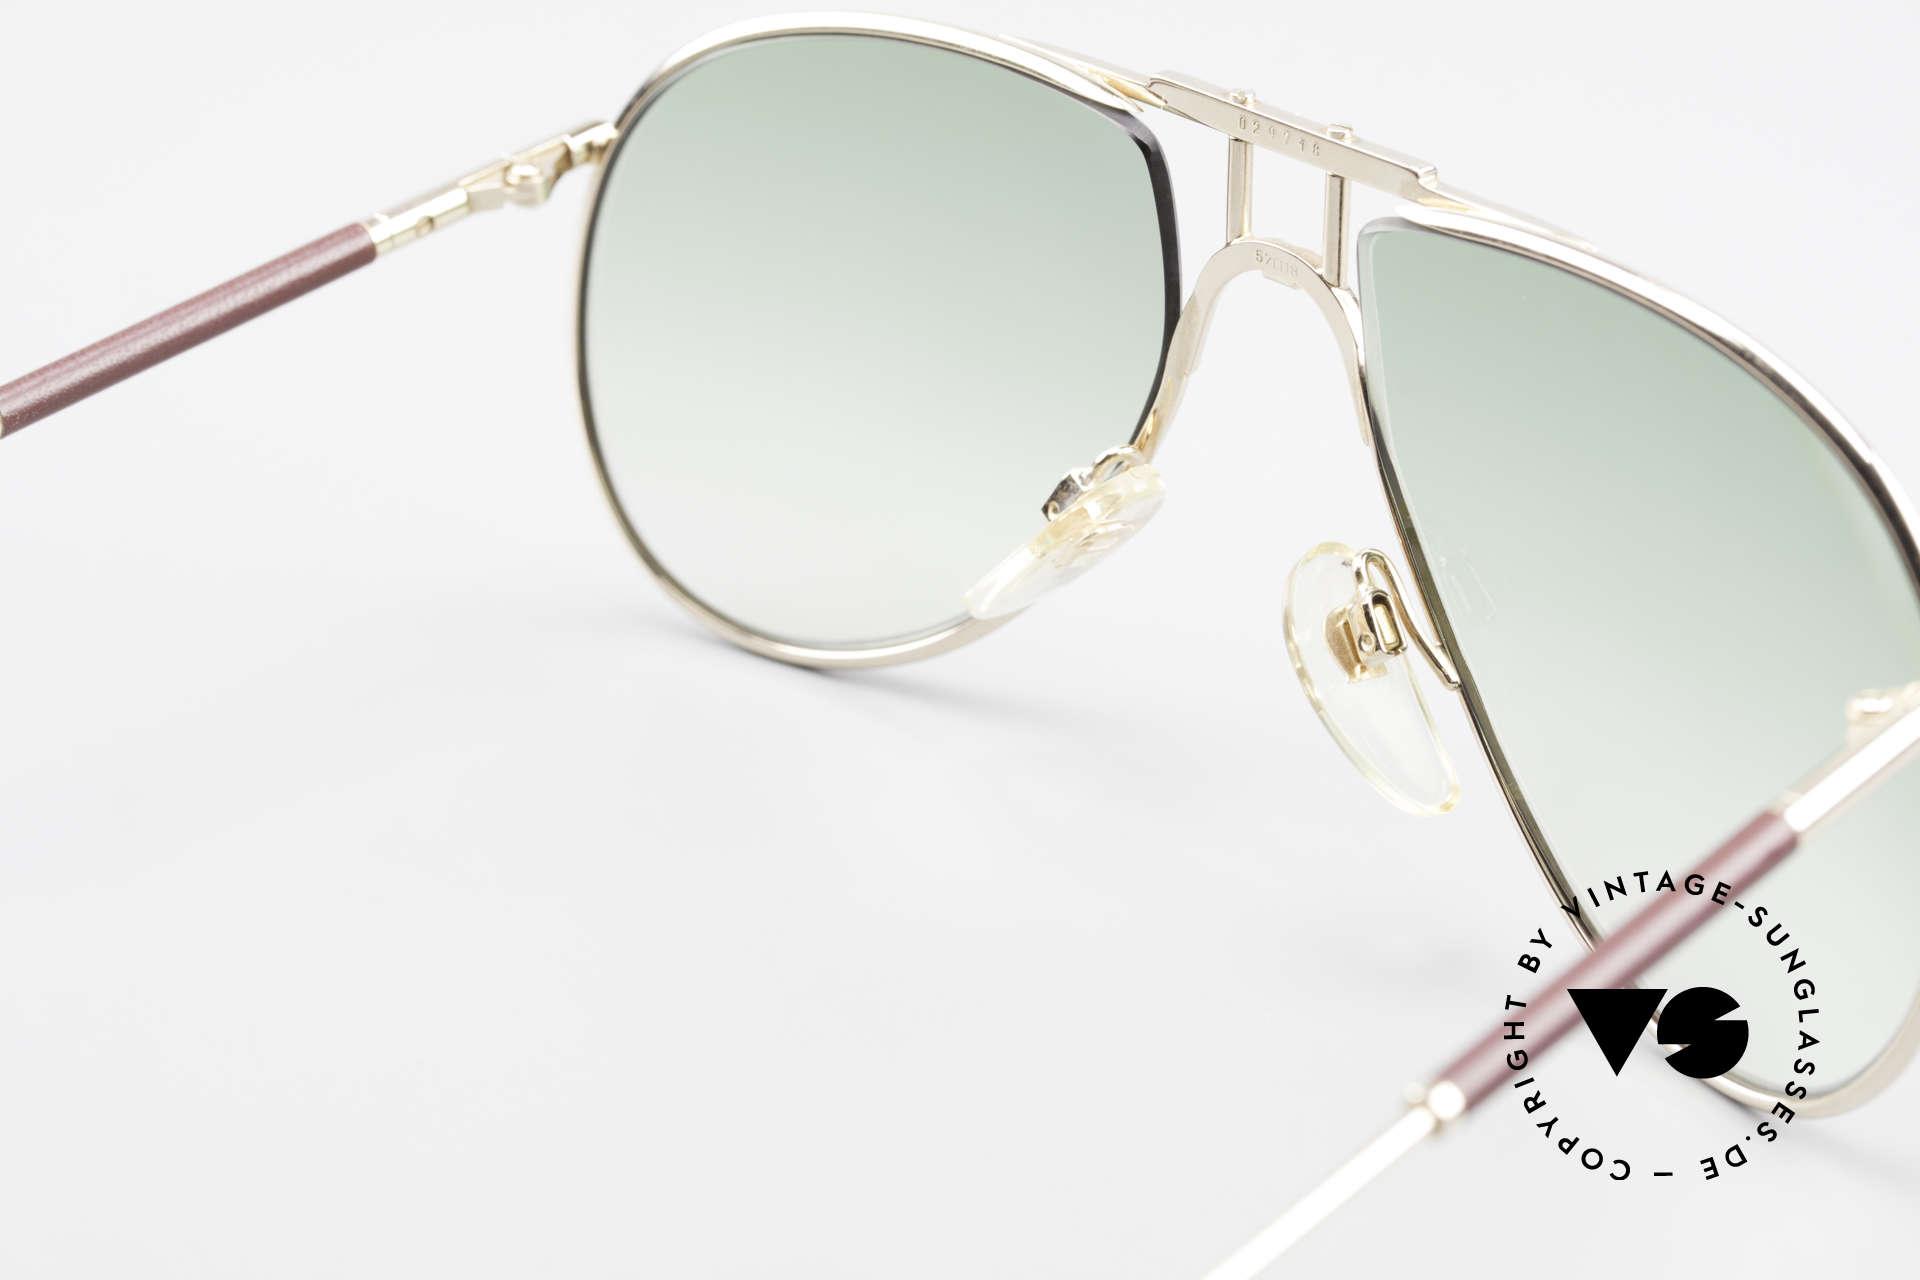 Aigner EA3 Echt 80er Vintage Sonnenbrille, KEIN RETRO; EA3 = das meistgesuchte 80er Modell, Passend für Herren